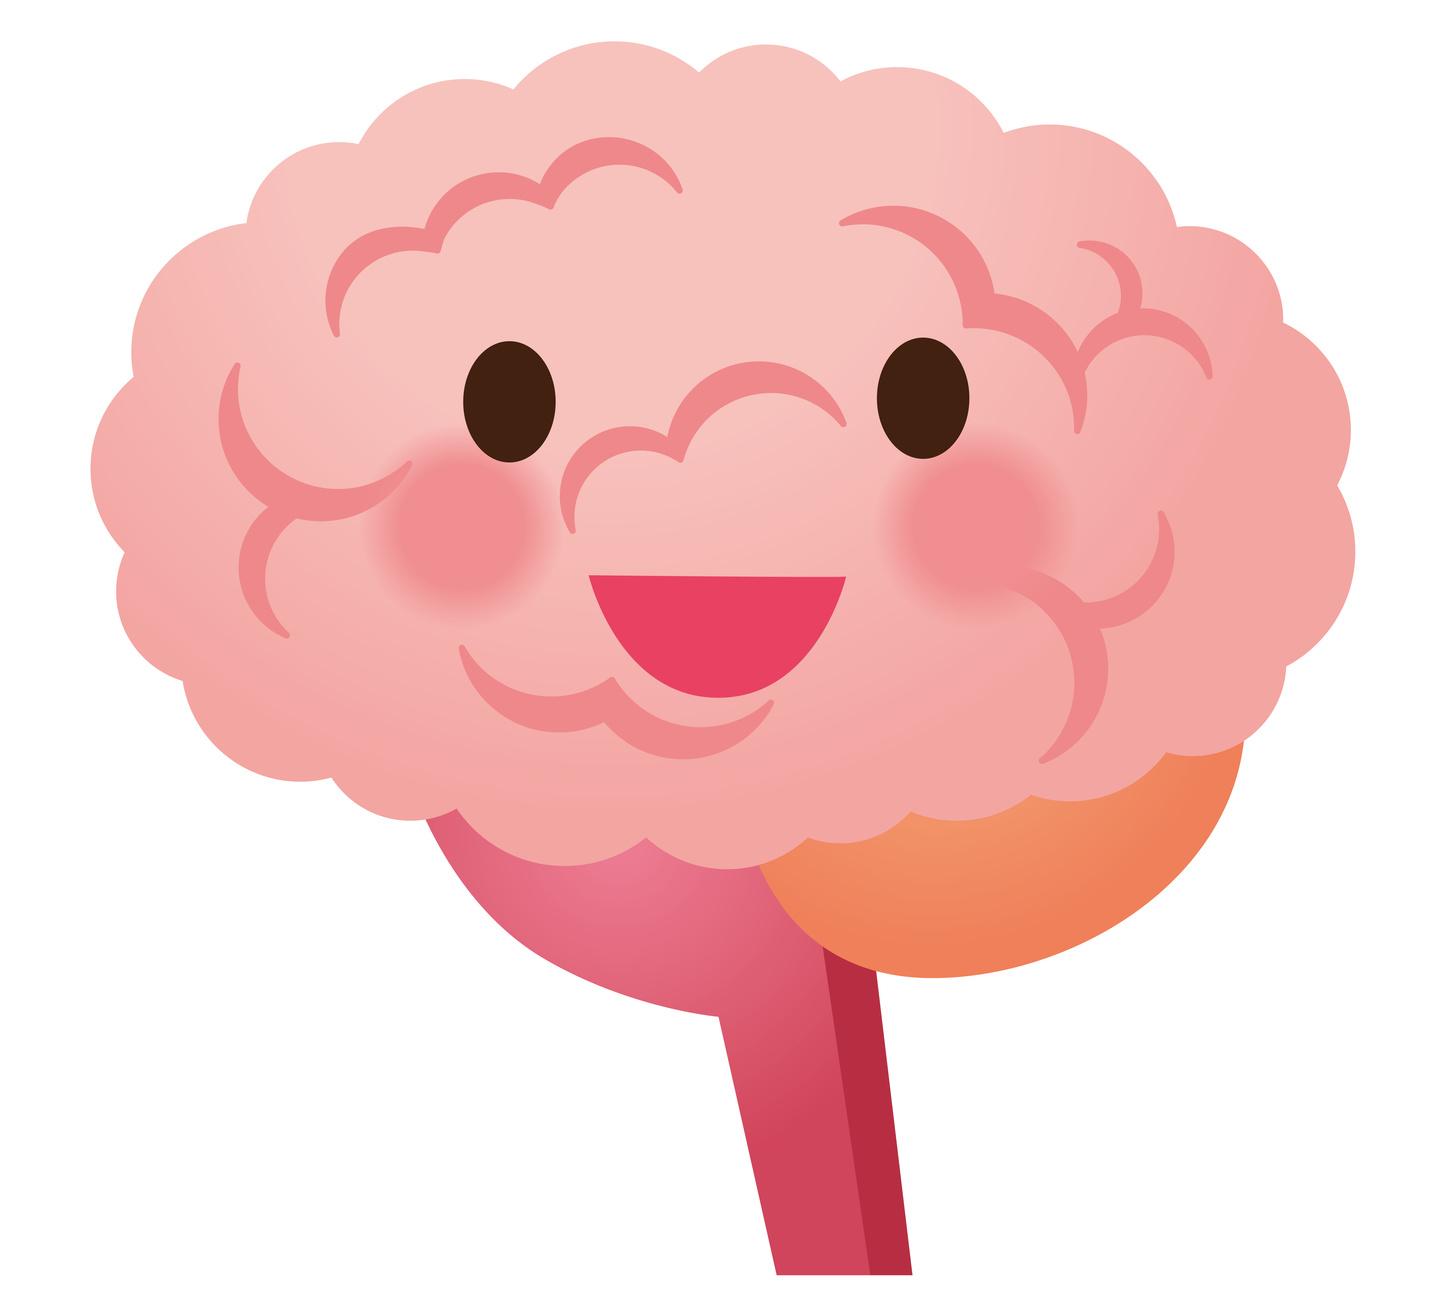 良性脳腫瘍 脳神経外科